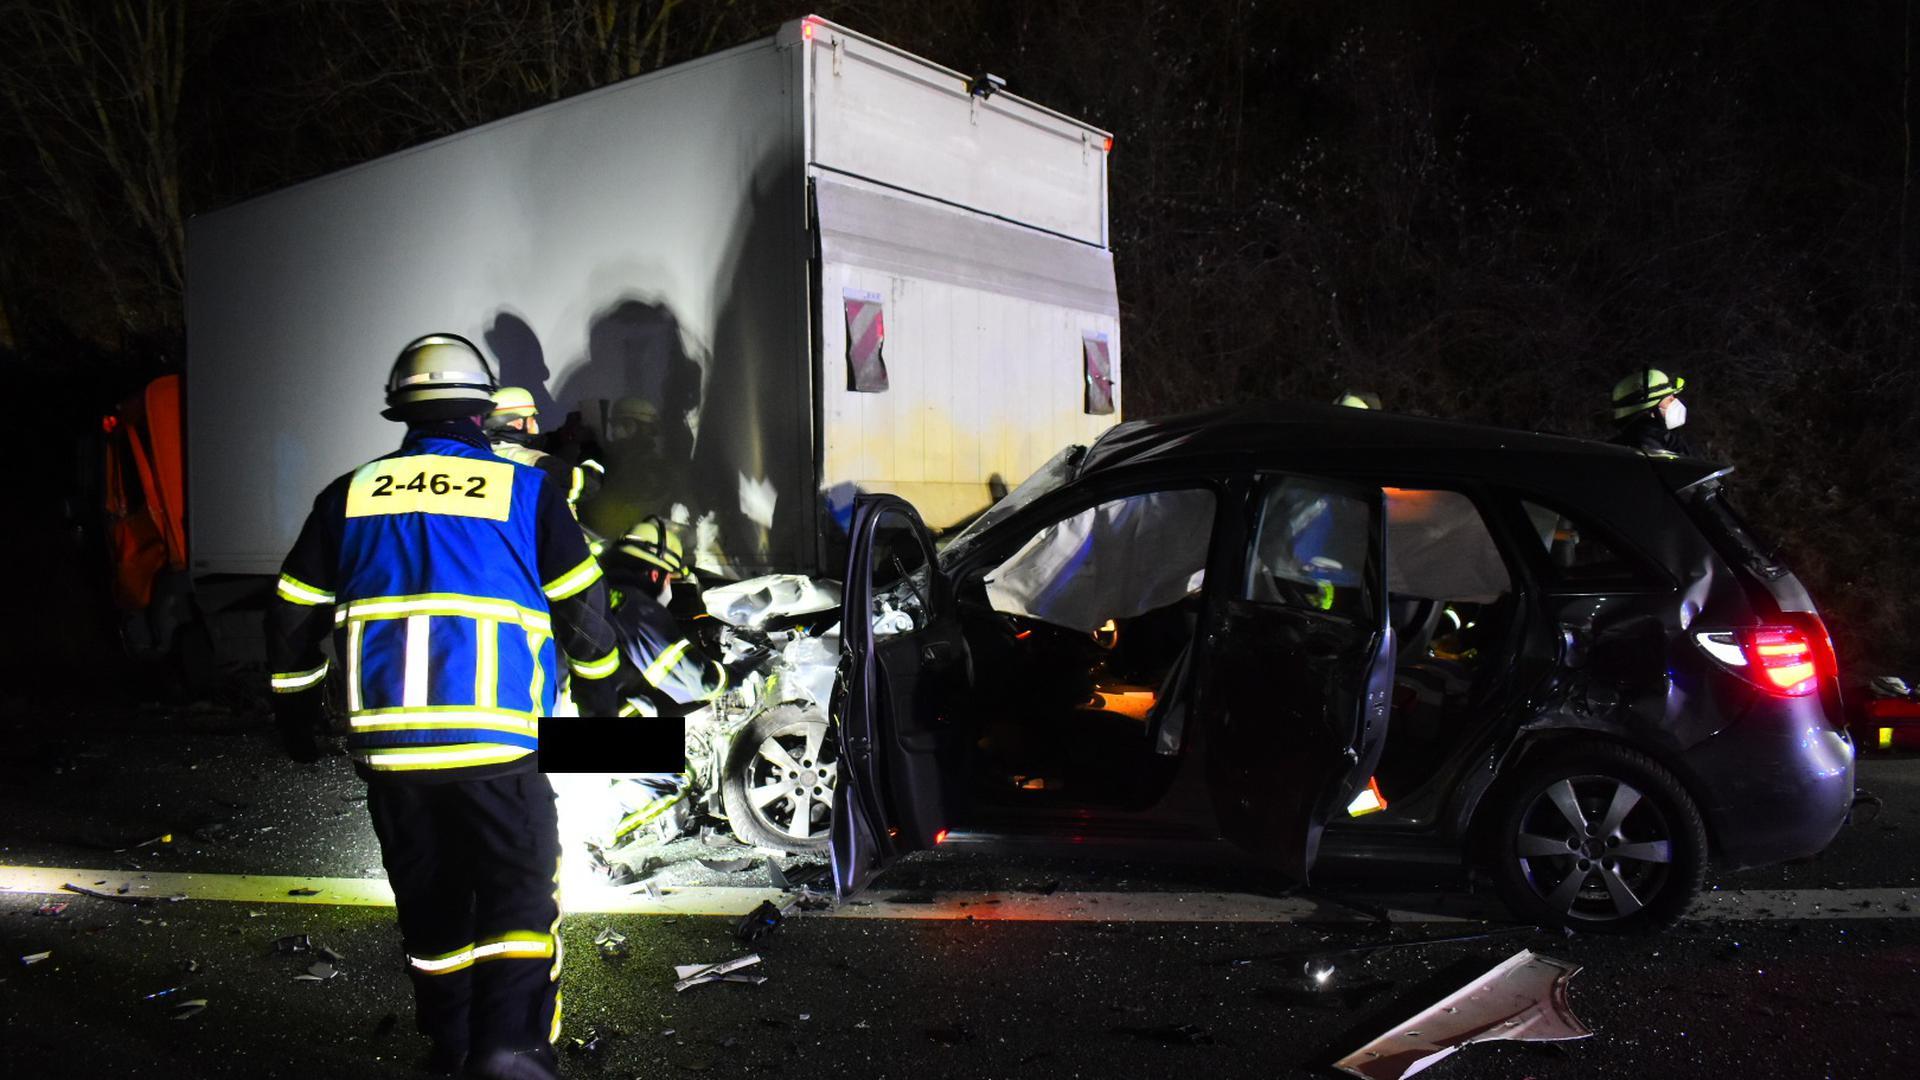 Unfall zwischen Karlsruhe und Stuttgart: Auf der Höhe von Pforzheim waren gleich mehre Fahrzeuge, die Richtung Stuttgart unterwegs waren, in einen Unfall verwickelt.